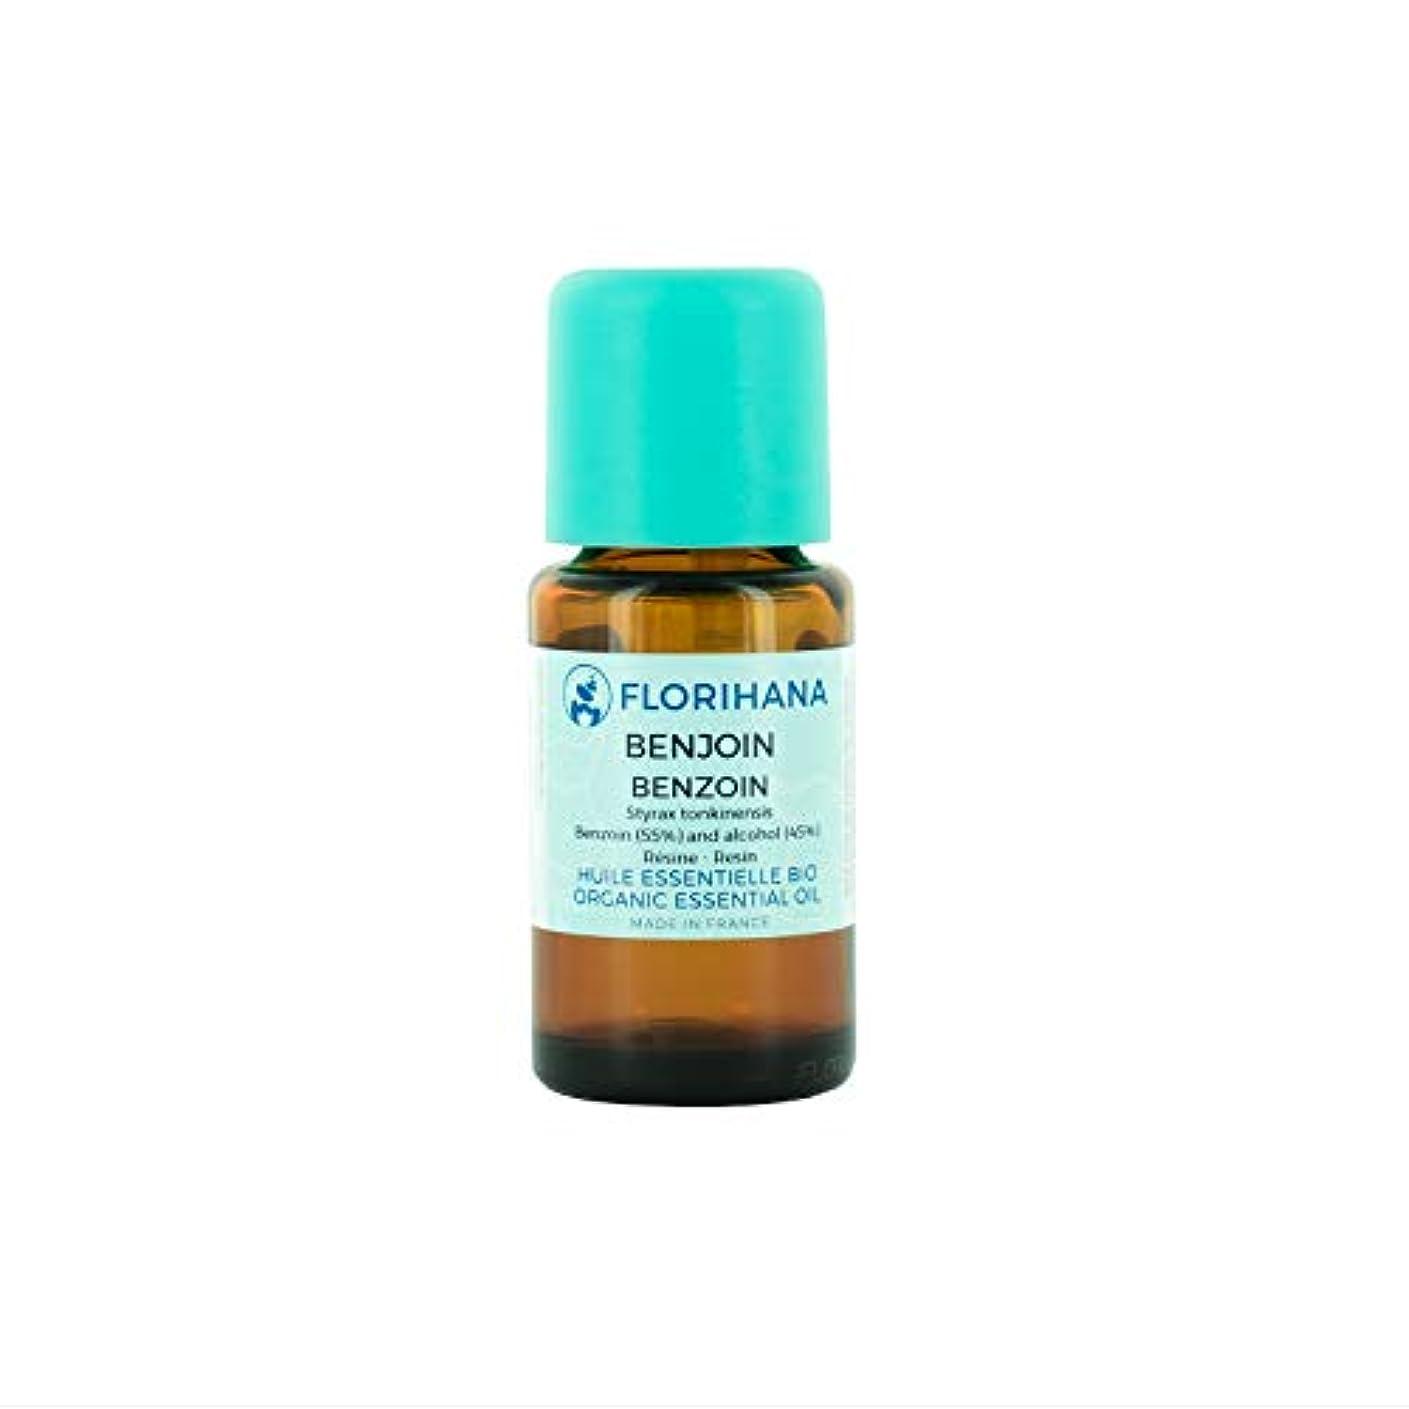 衝突する薬理学勧告Florihana オーガニックエッセンシャルオイル ベンゾイン 5g(5ml)